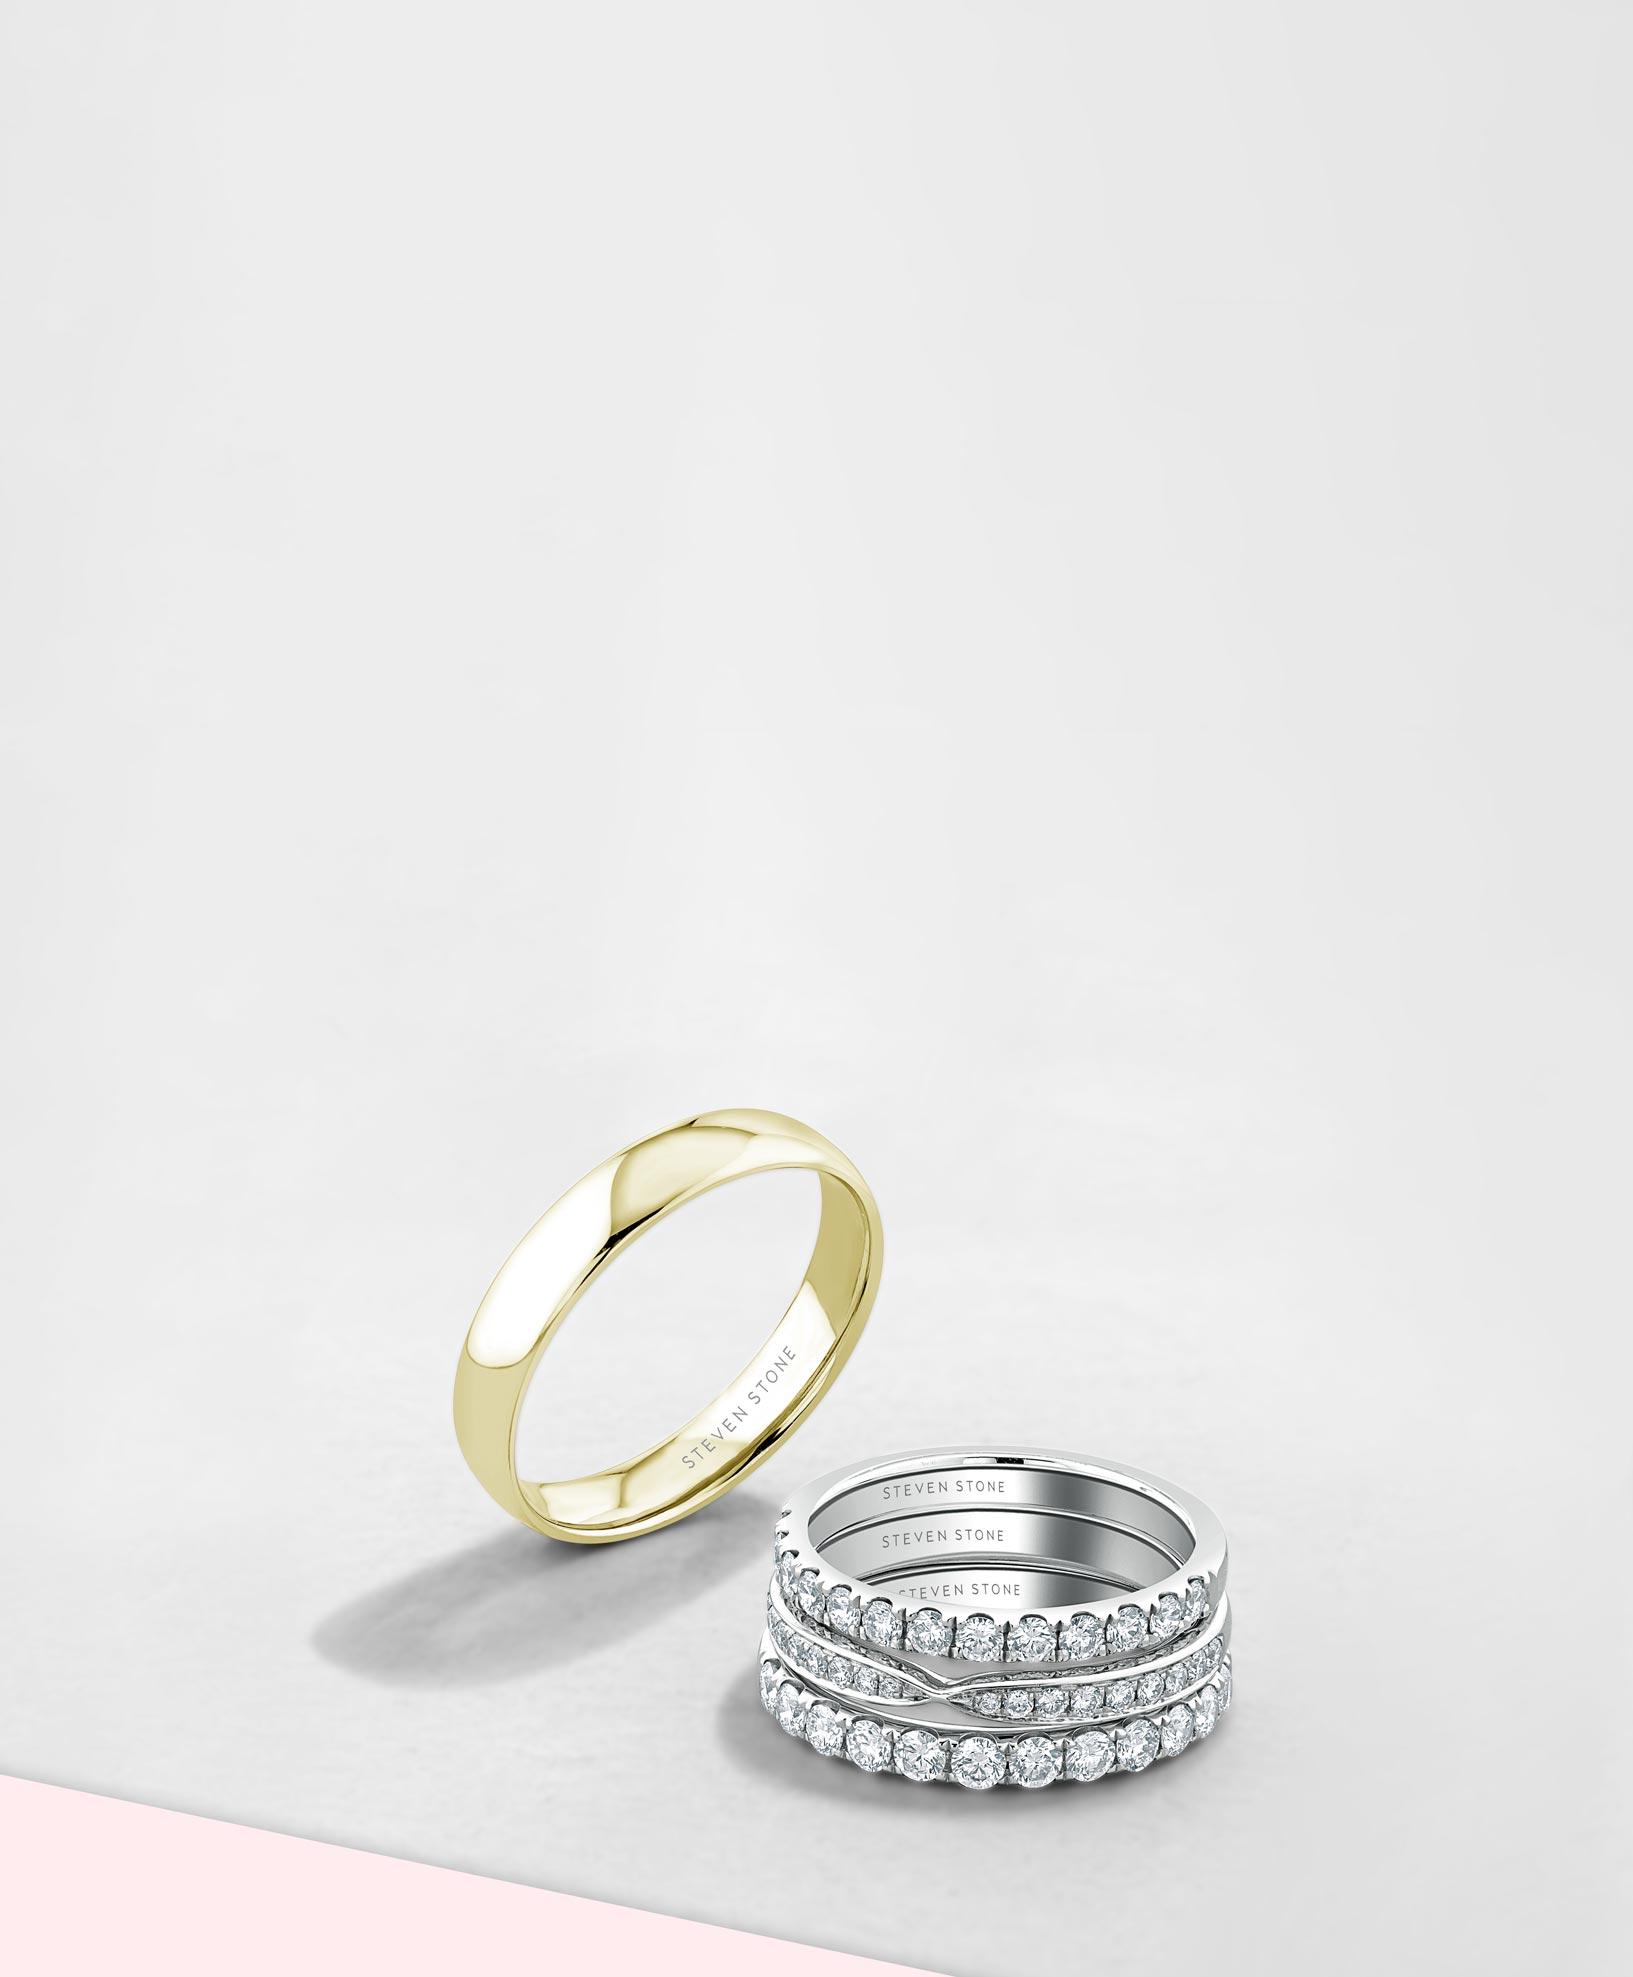 Plain Women's Wedding Rings - Steven Stone